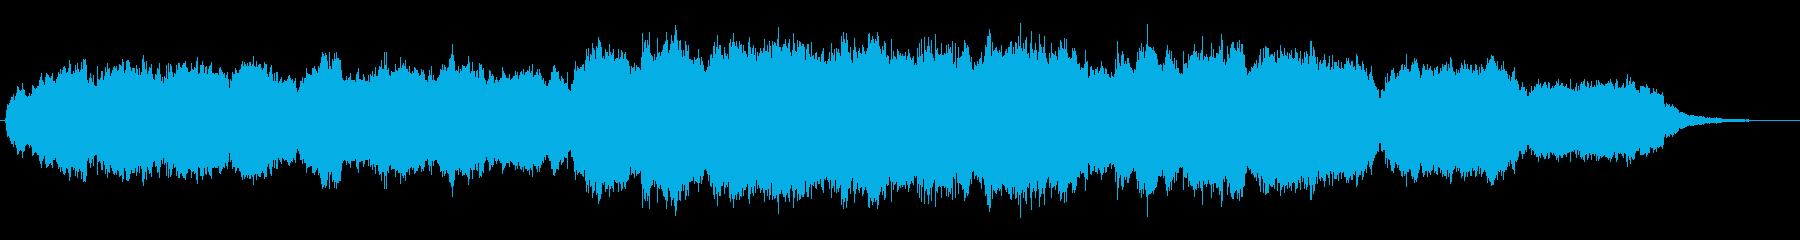 教会で頌栄で歌われる讃美歌パイプオルガンの再生済みの波形